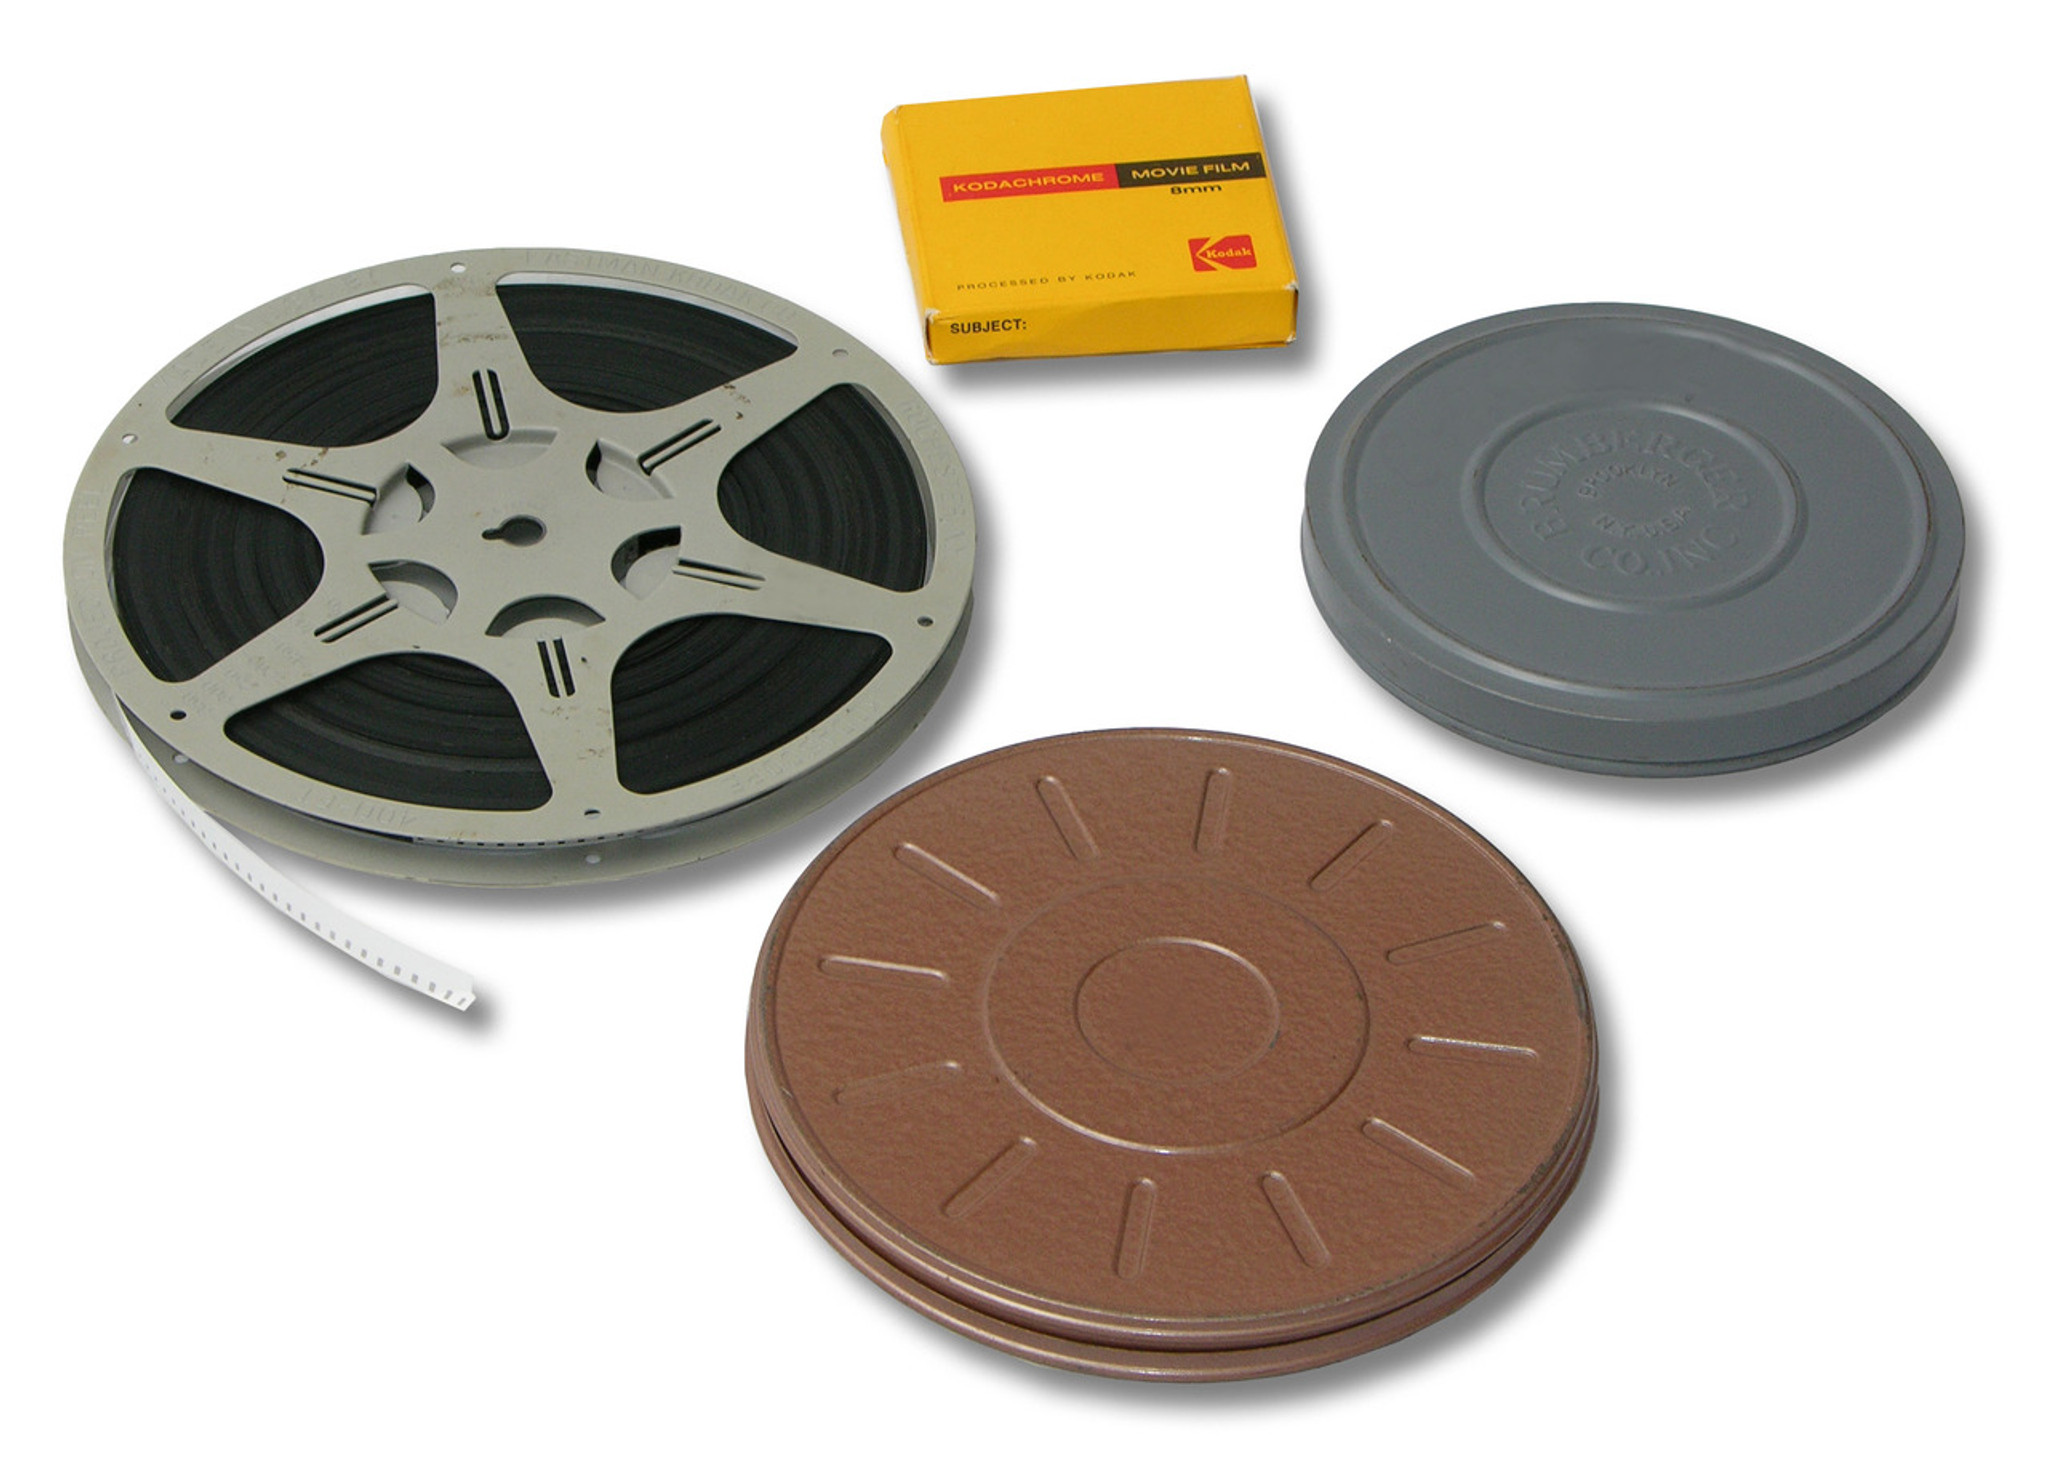 b h super 8mm film projector porter electronics. Black Bedroom Furniture Sets. Home Design Ideas